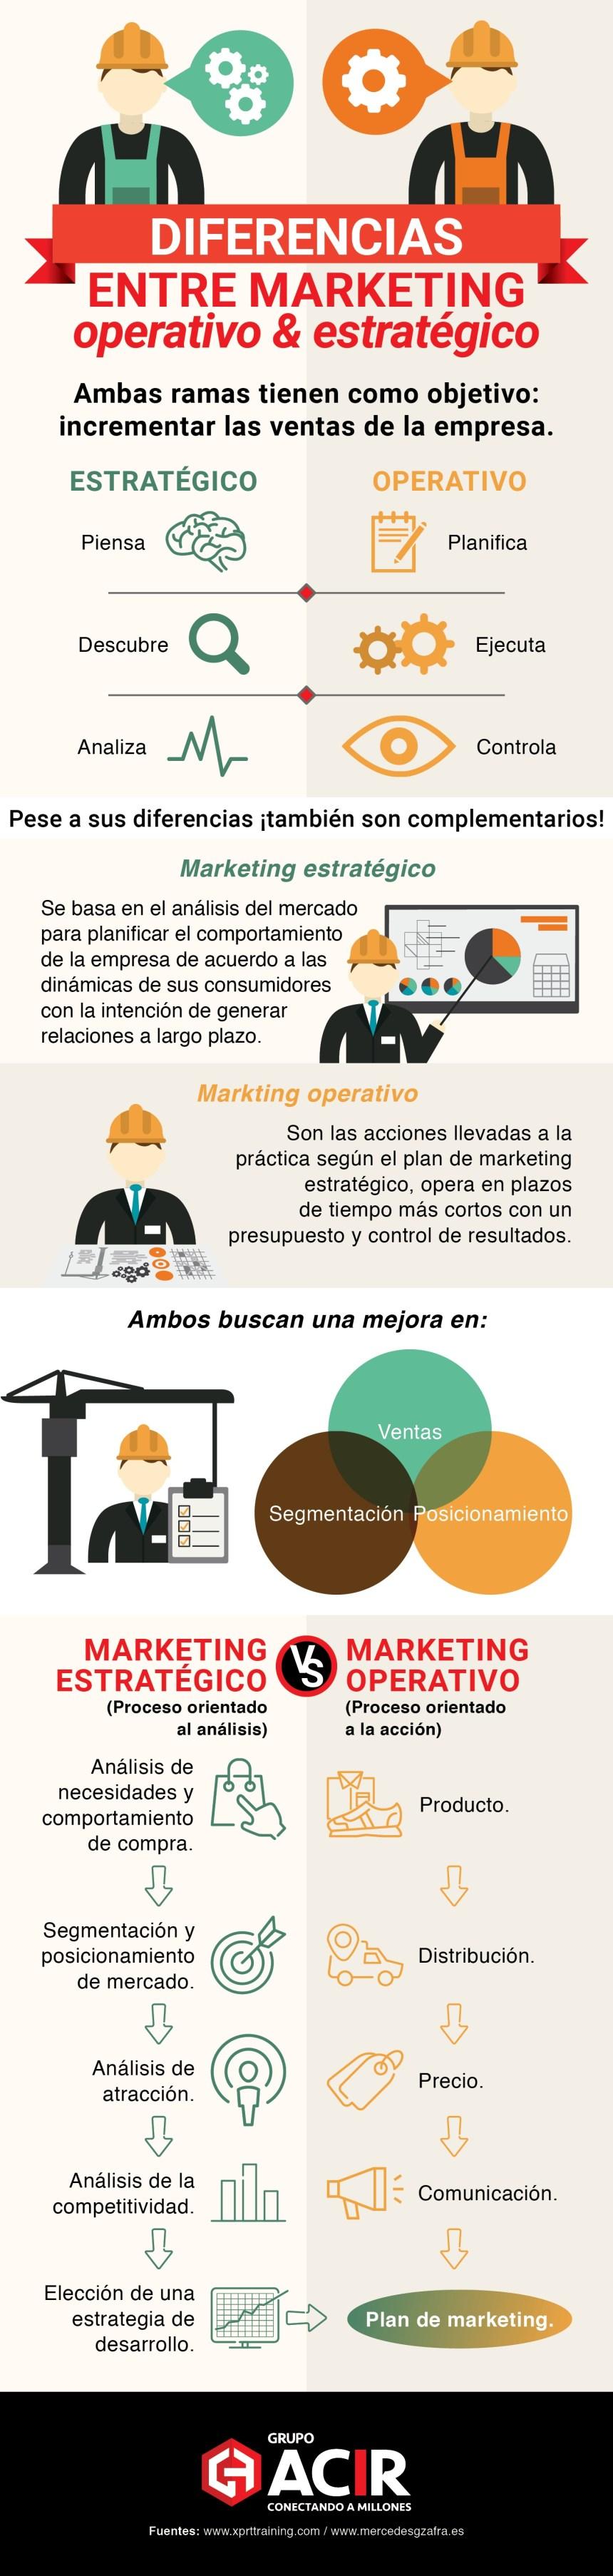 Diferencias entre marketing operativo y estratégico